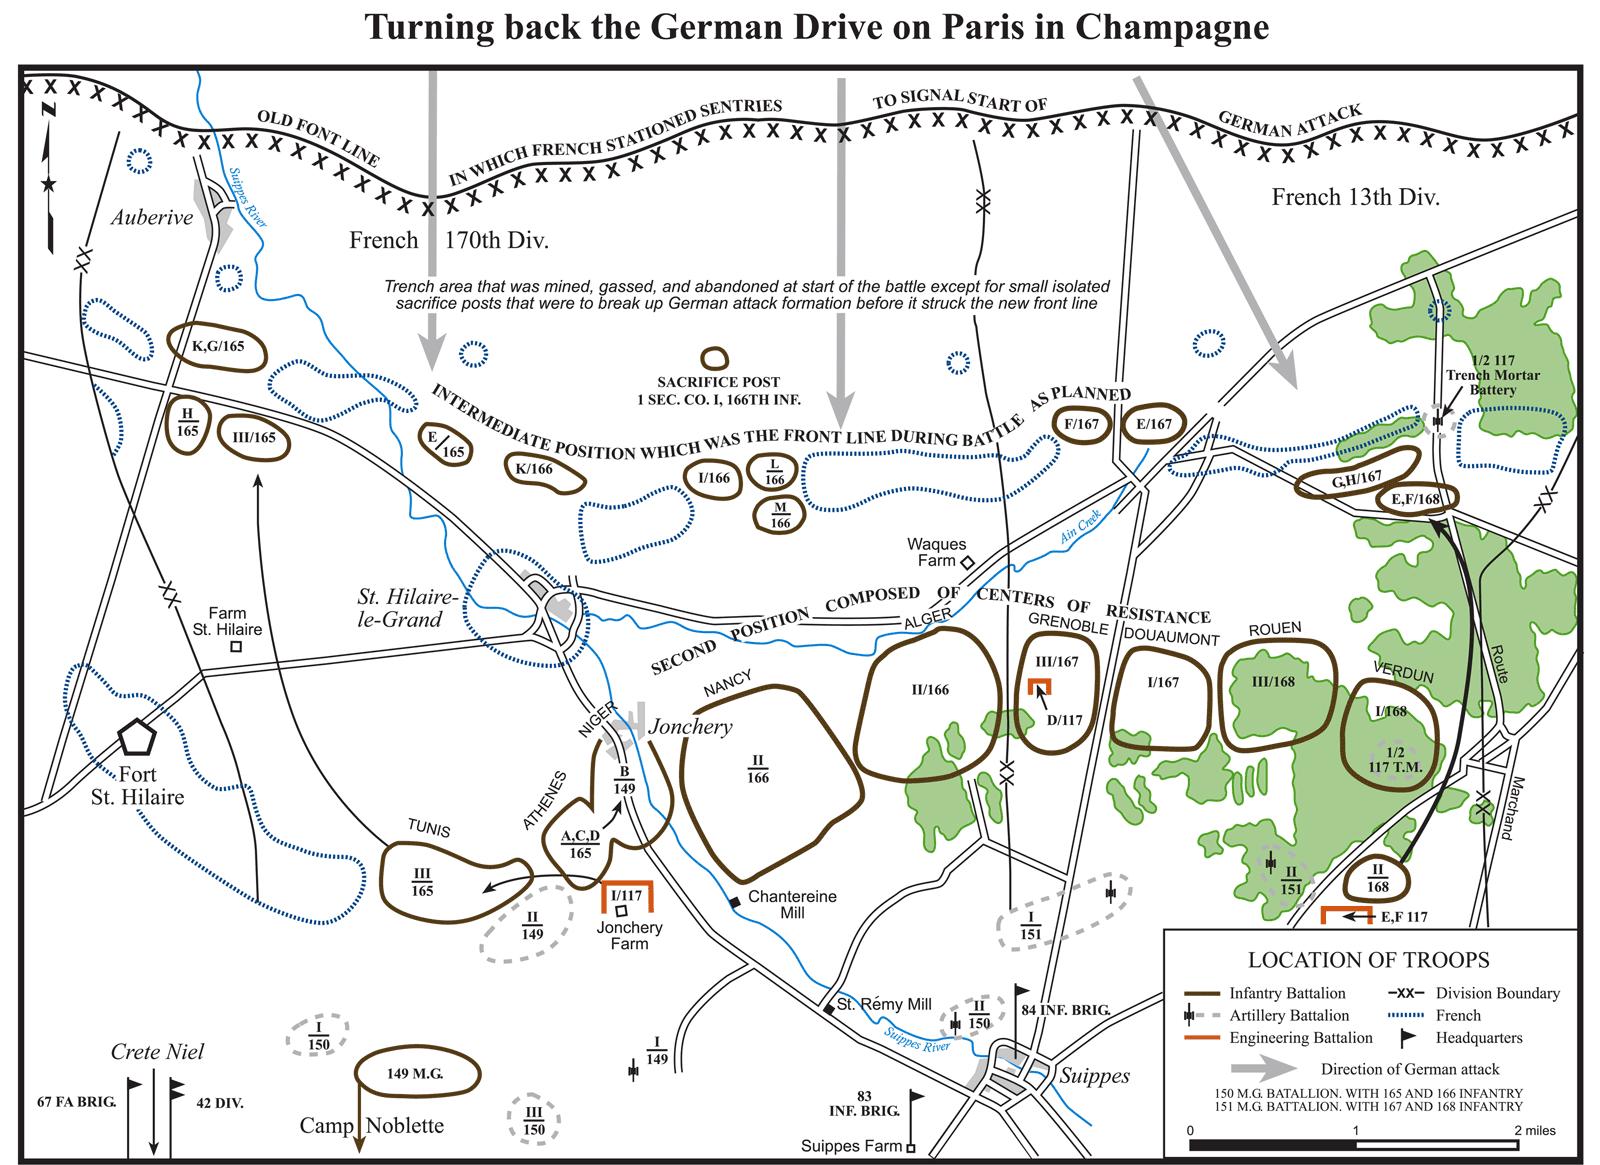 Repoussant l'avancée allemande sur Paris en Champagne